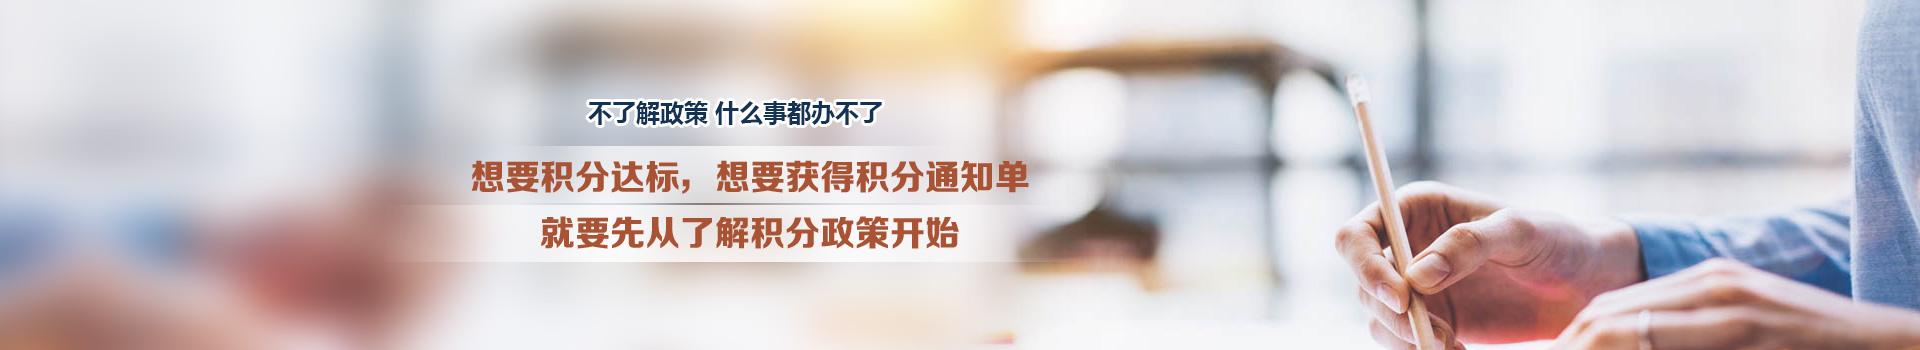 上海市居住证积分